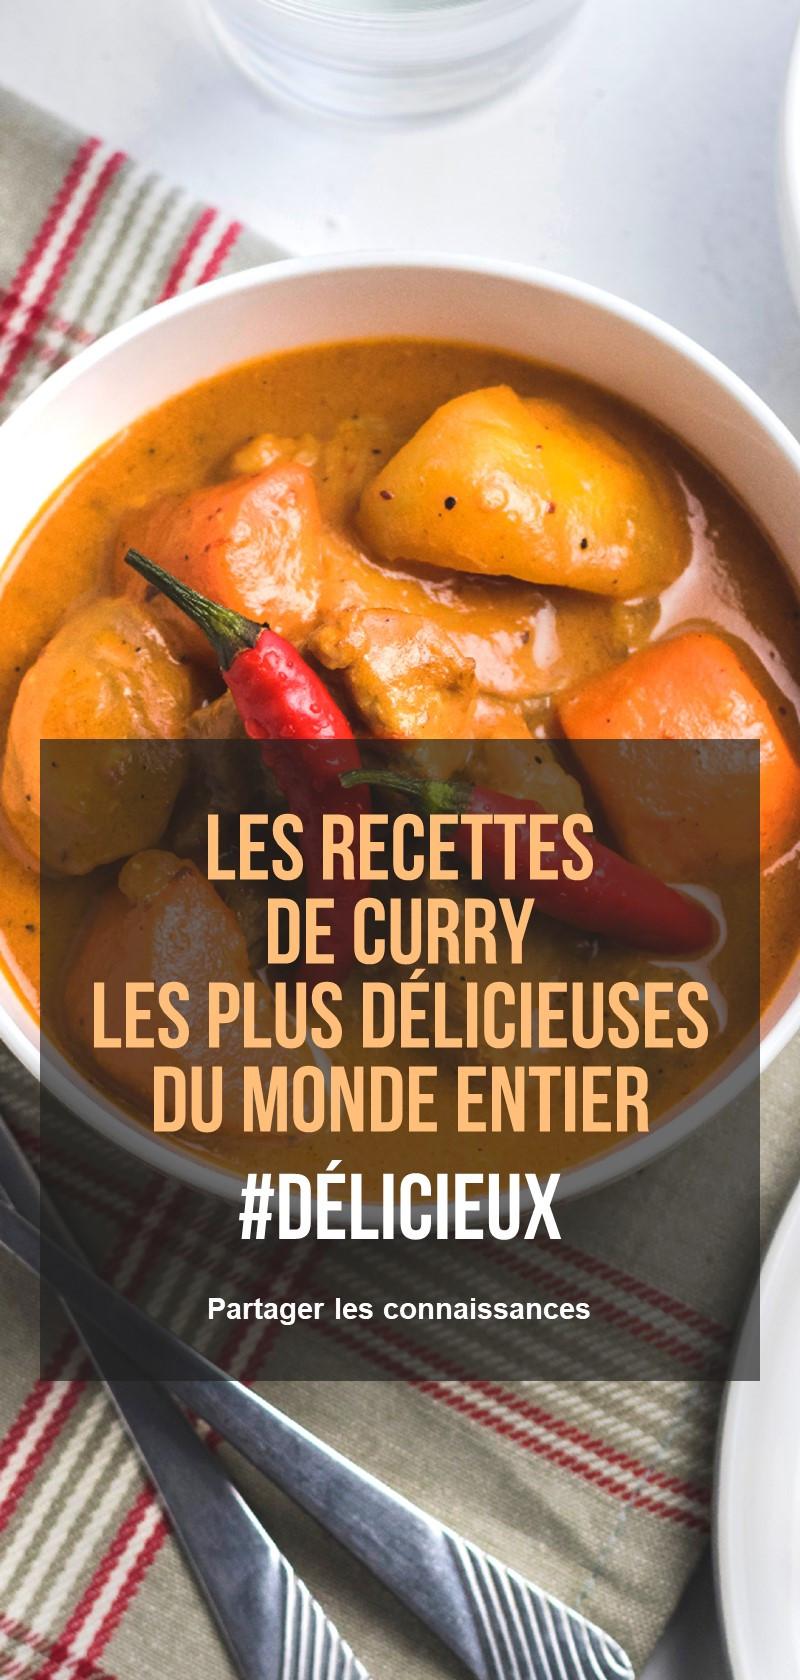 Les recettes de curry les plus délicieuses